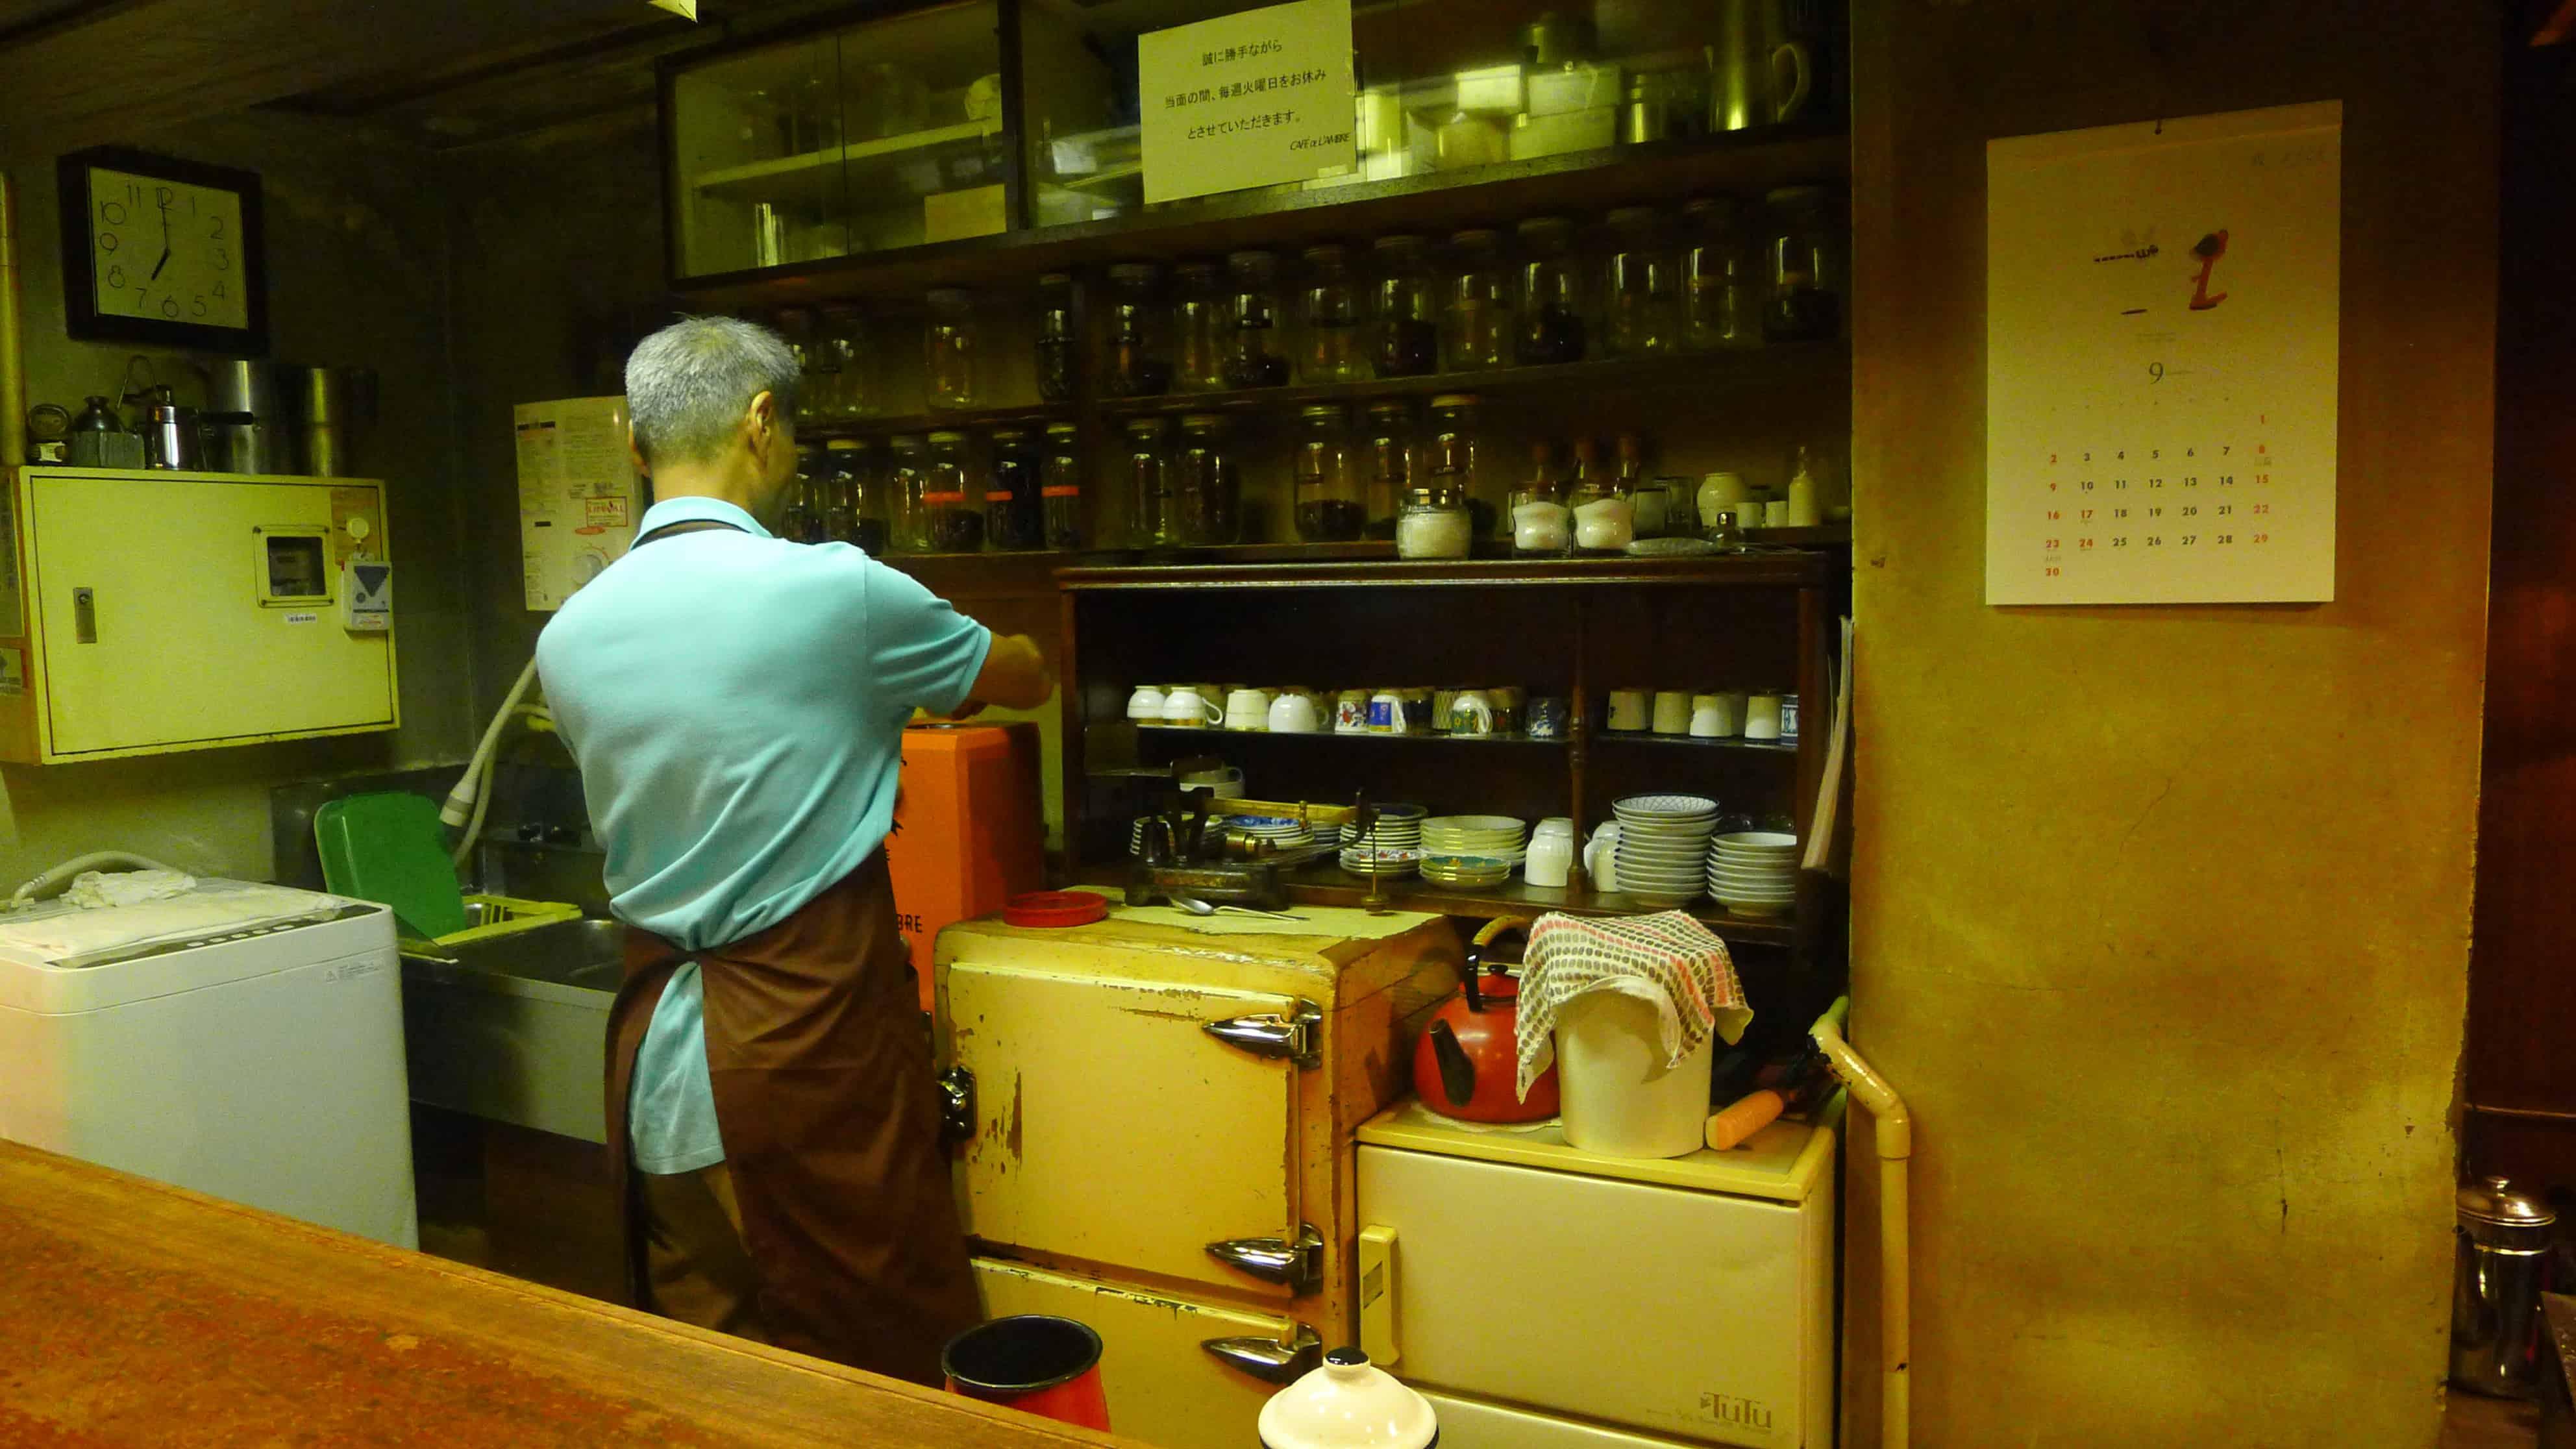 คาเฟ่โตเกียว Café de l'ambre รีวิว